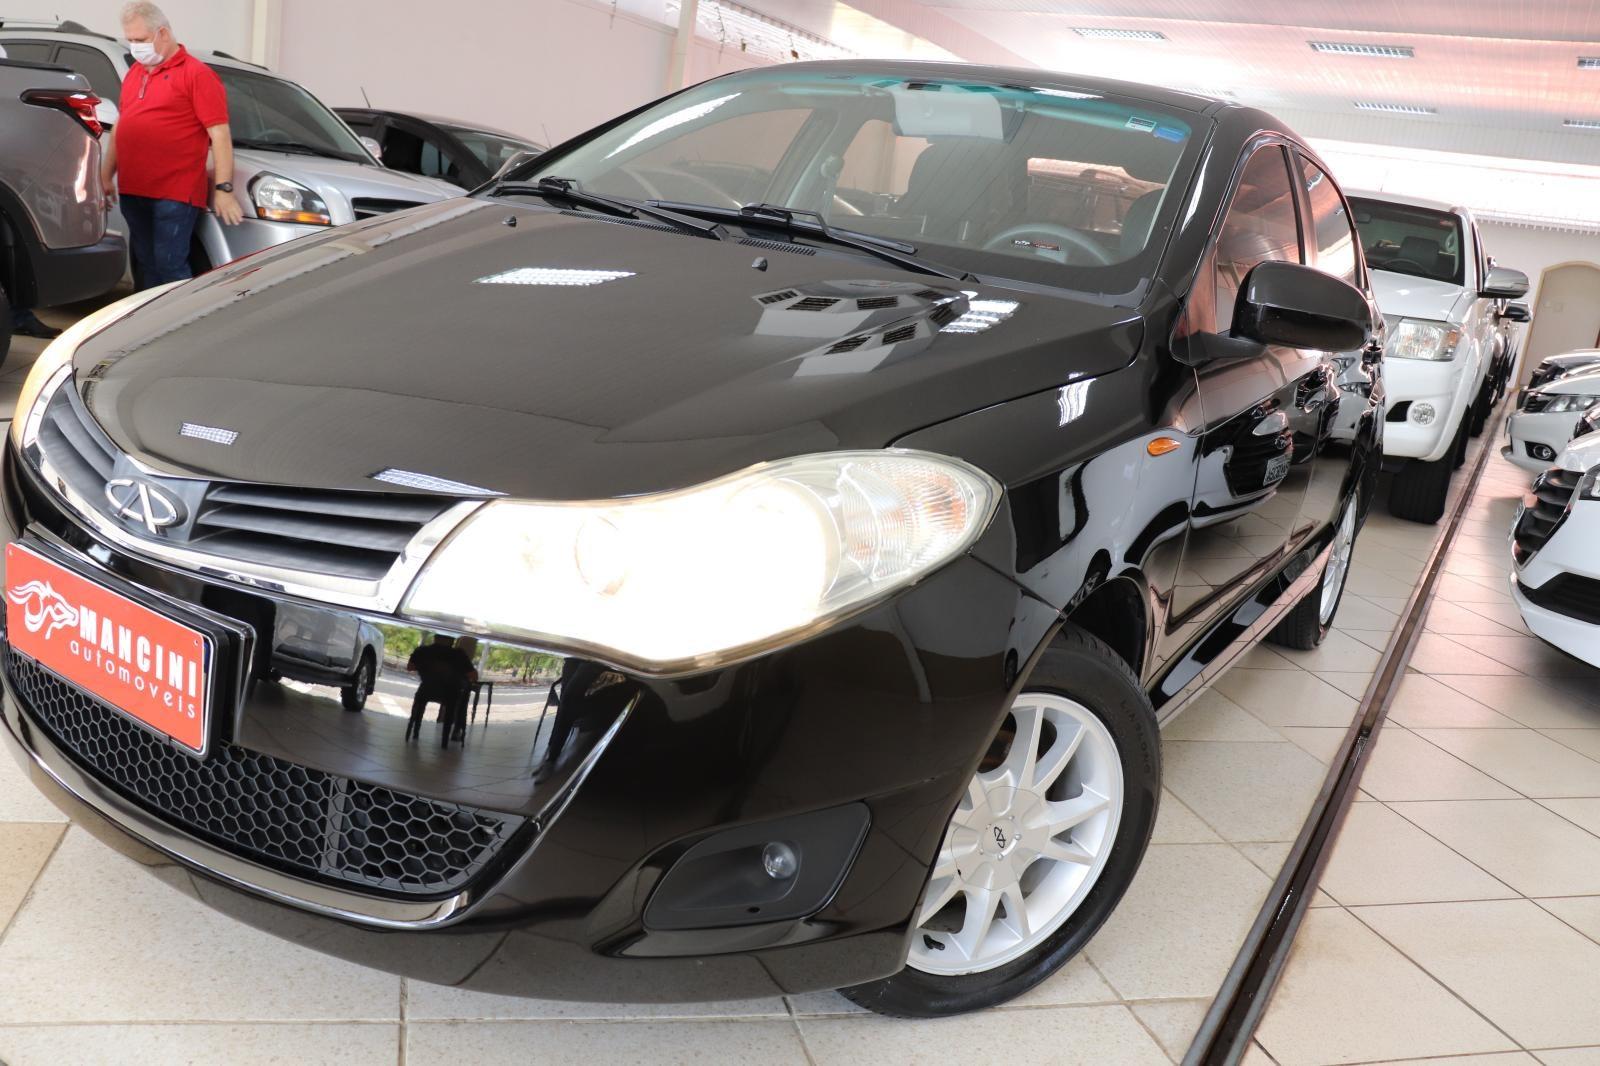 //www.autoline.com.br/carro/chery/celer-15-sedan-16v-flex-4p-manual/2014/sao-jose-do-rio-preto-sp/14976274